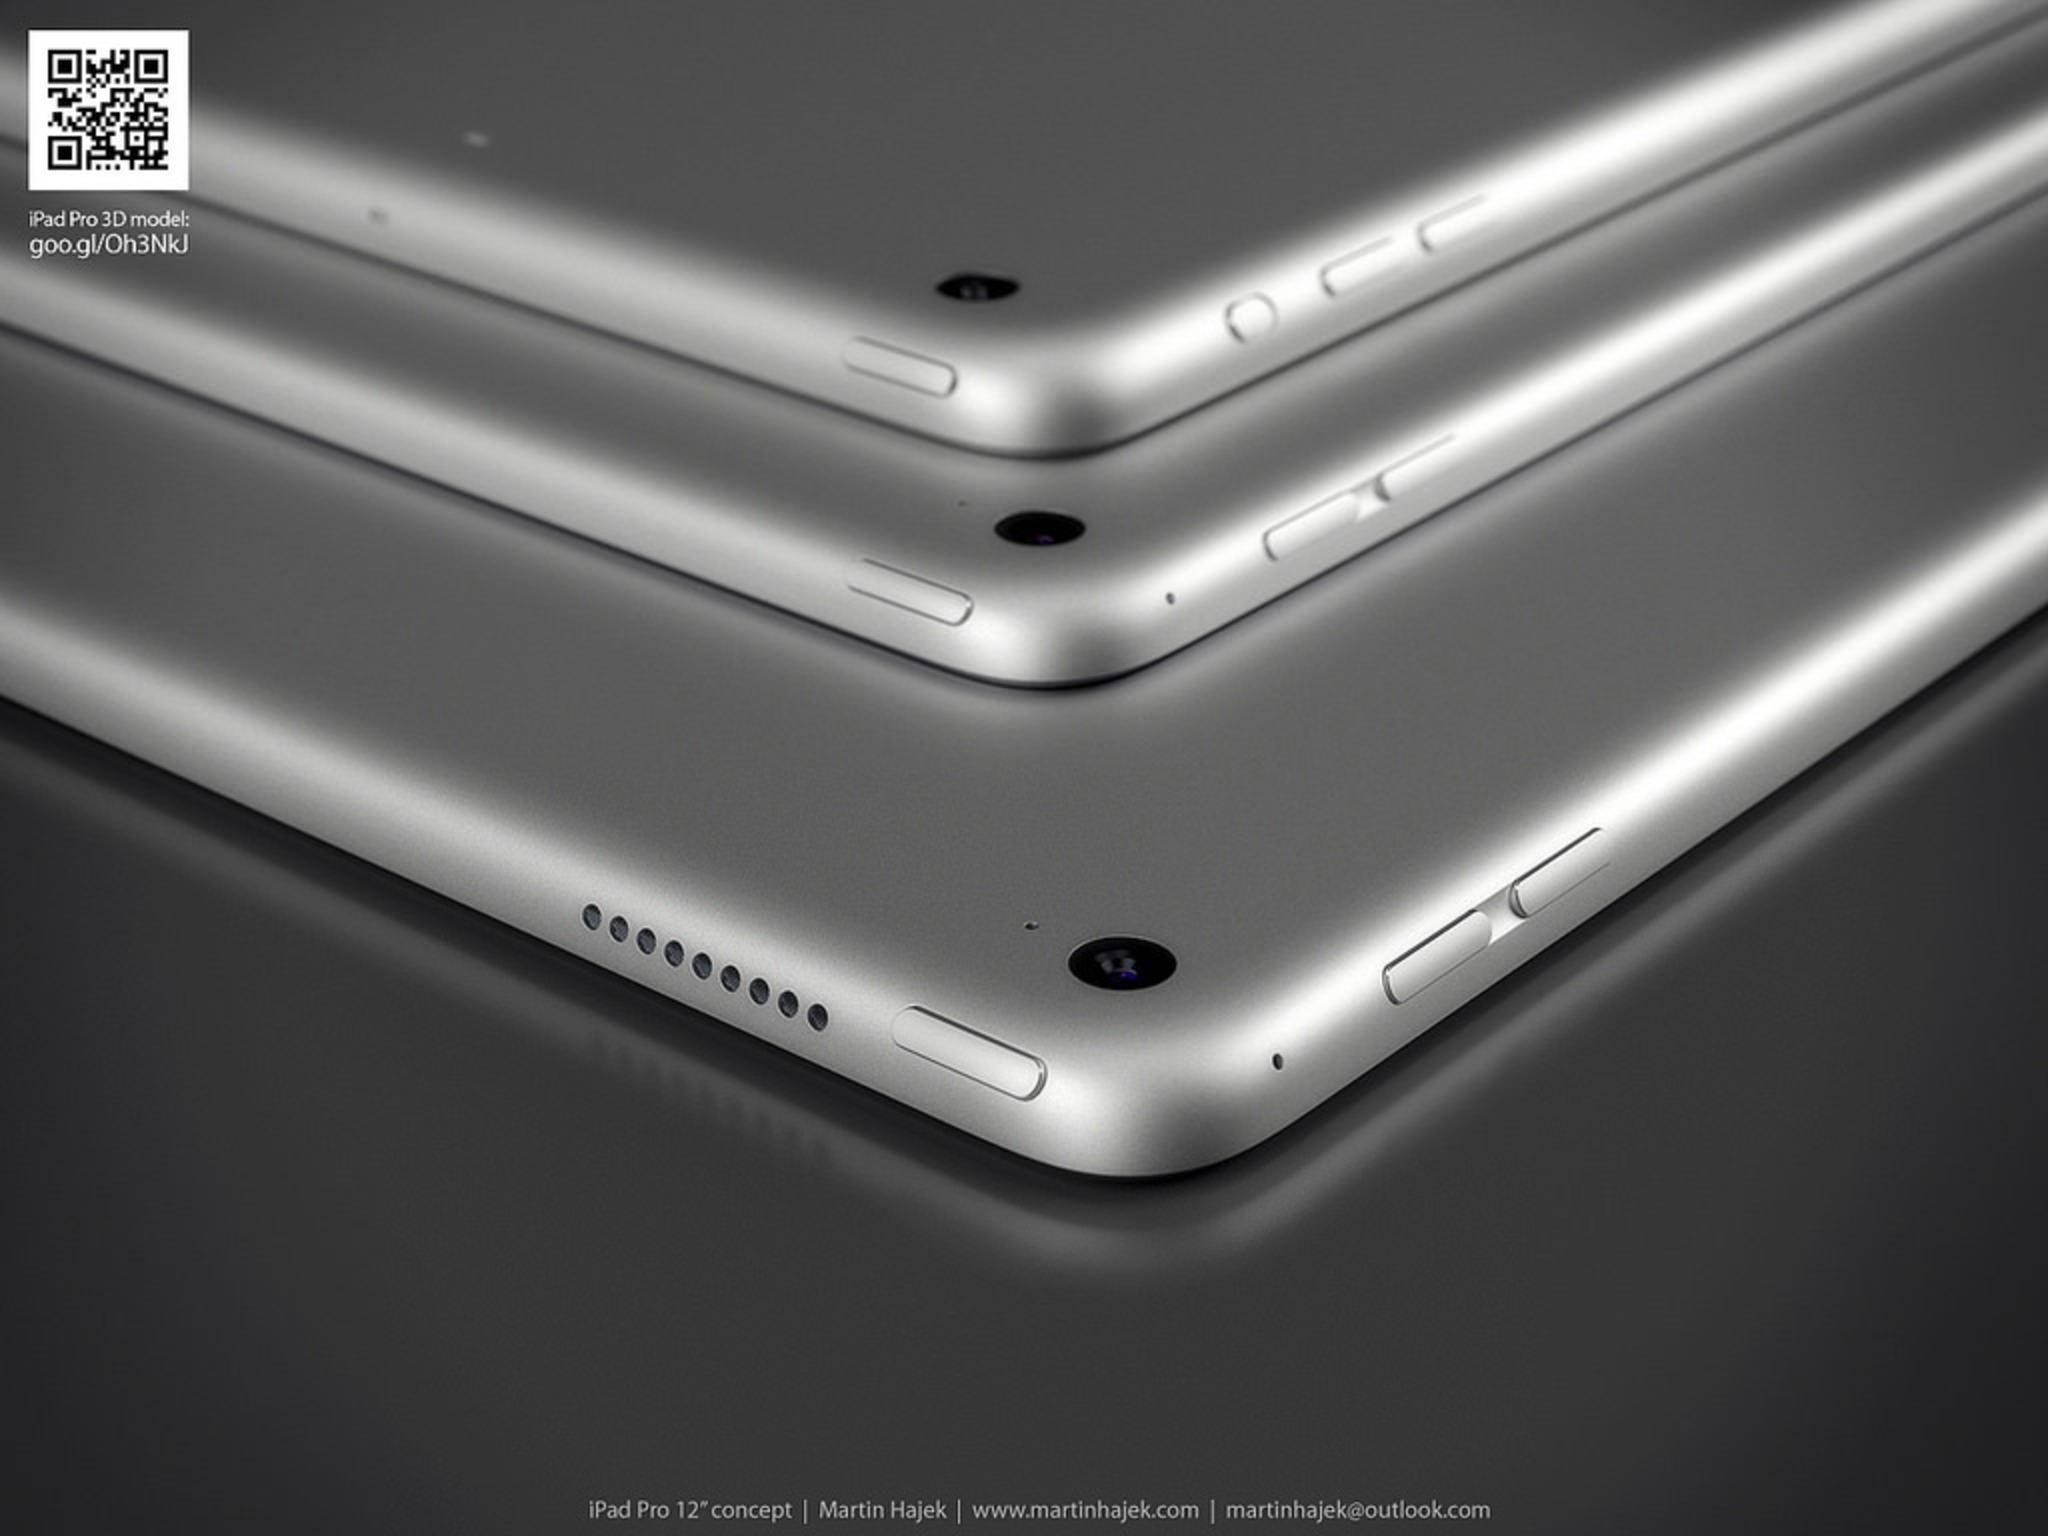 Das iPad Pro dürfte mit Stylus und Force Touch erscheinen.